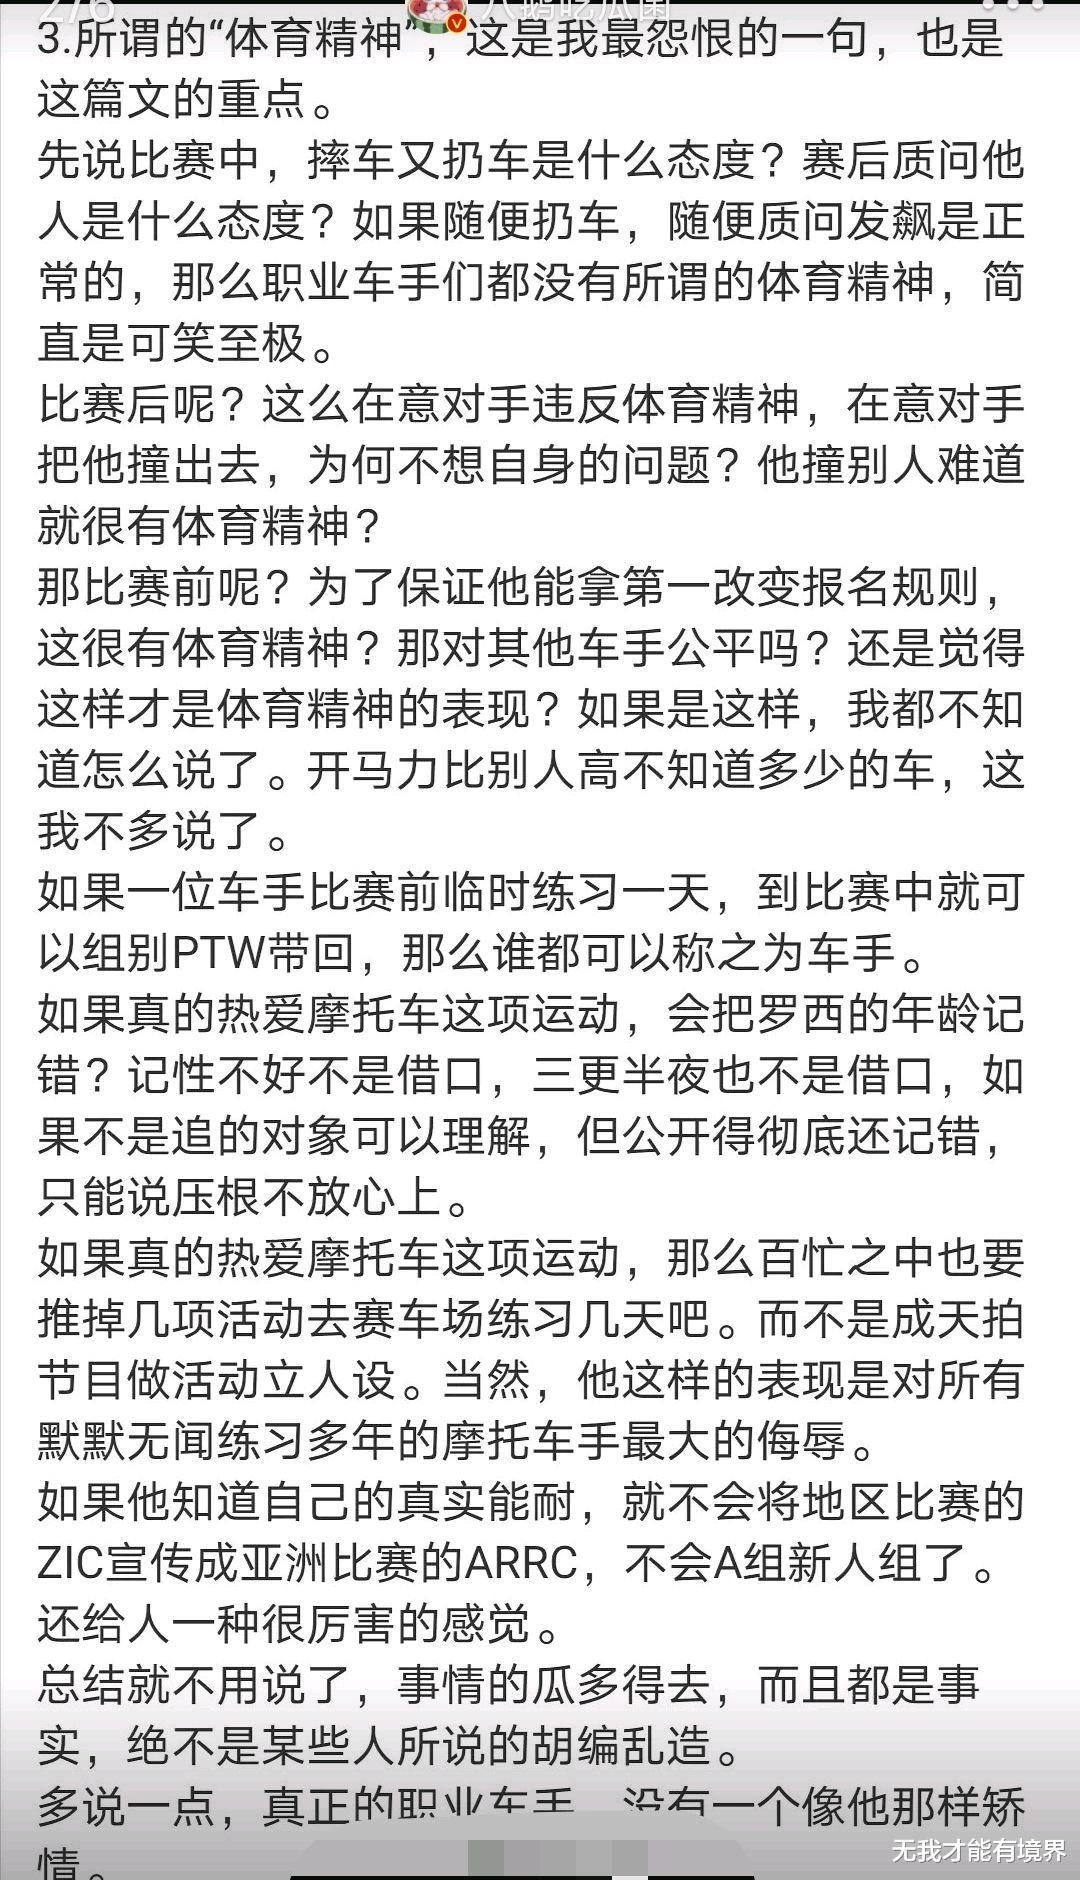 王一博摔車事件不斷升溫,圈內車友中肯評價,對粉絲攻擊表示不滿-圖5